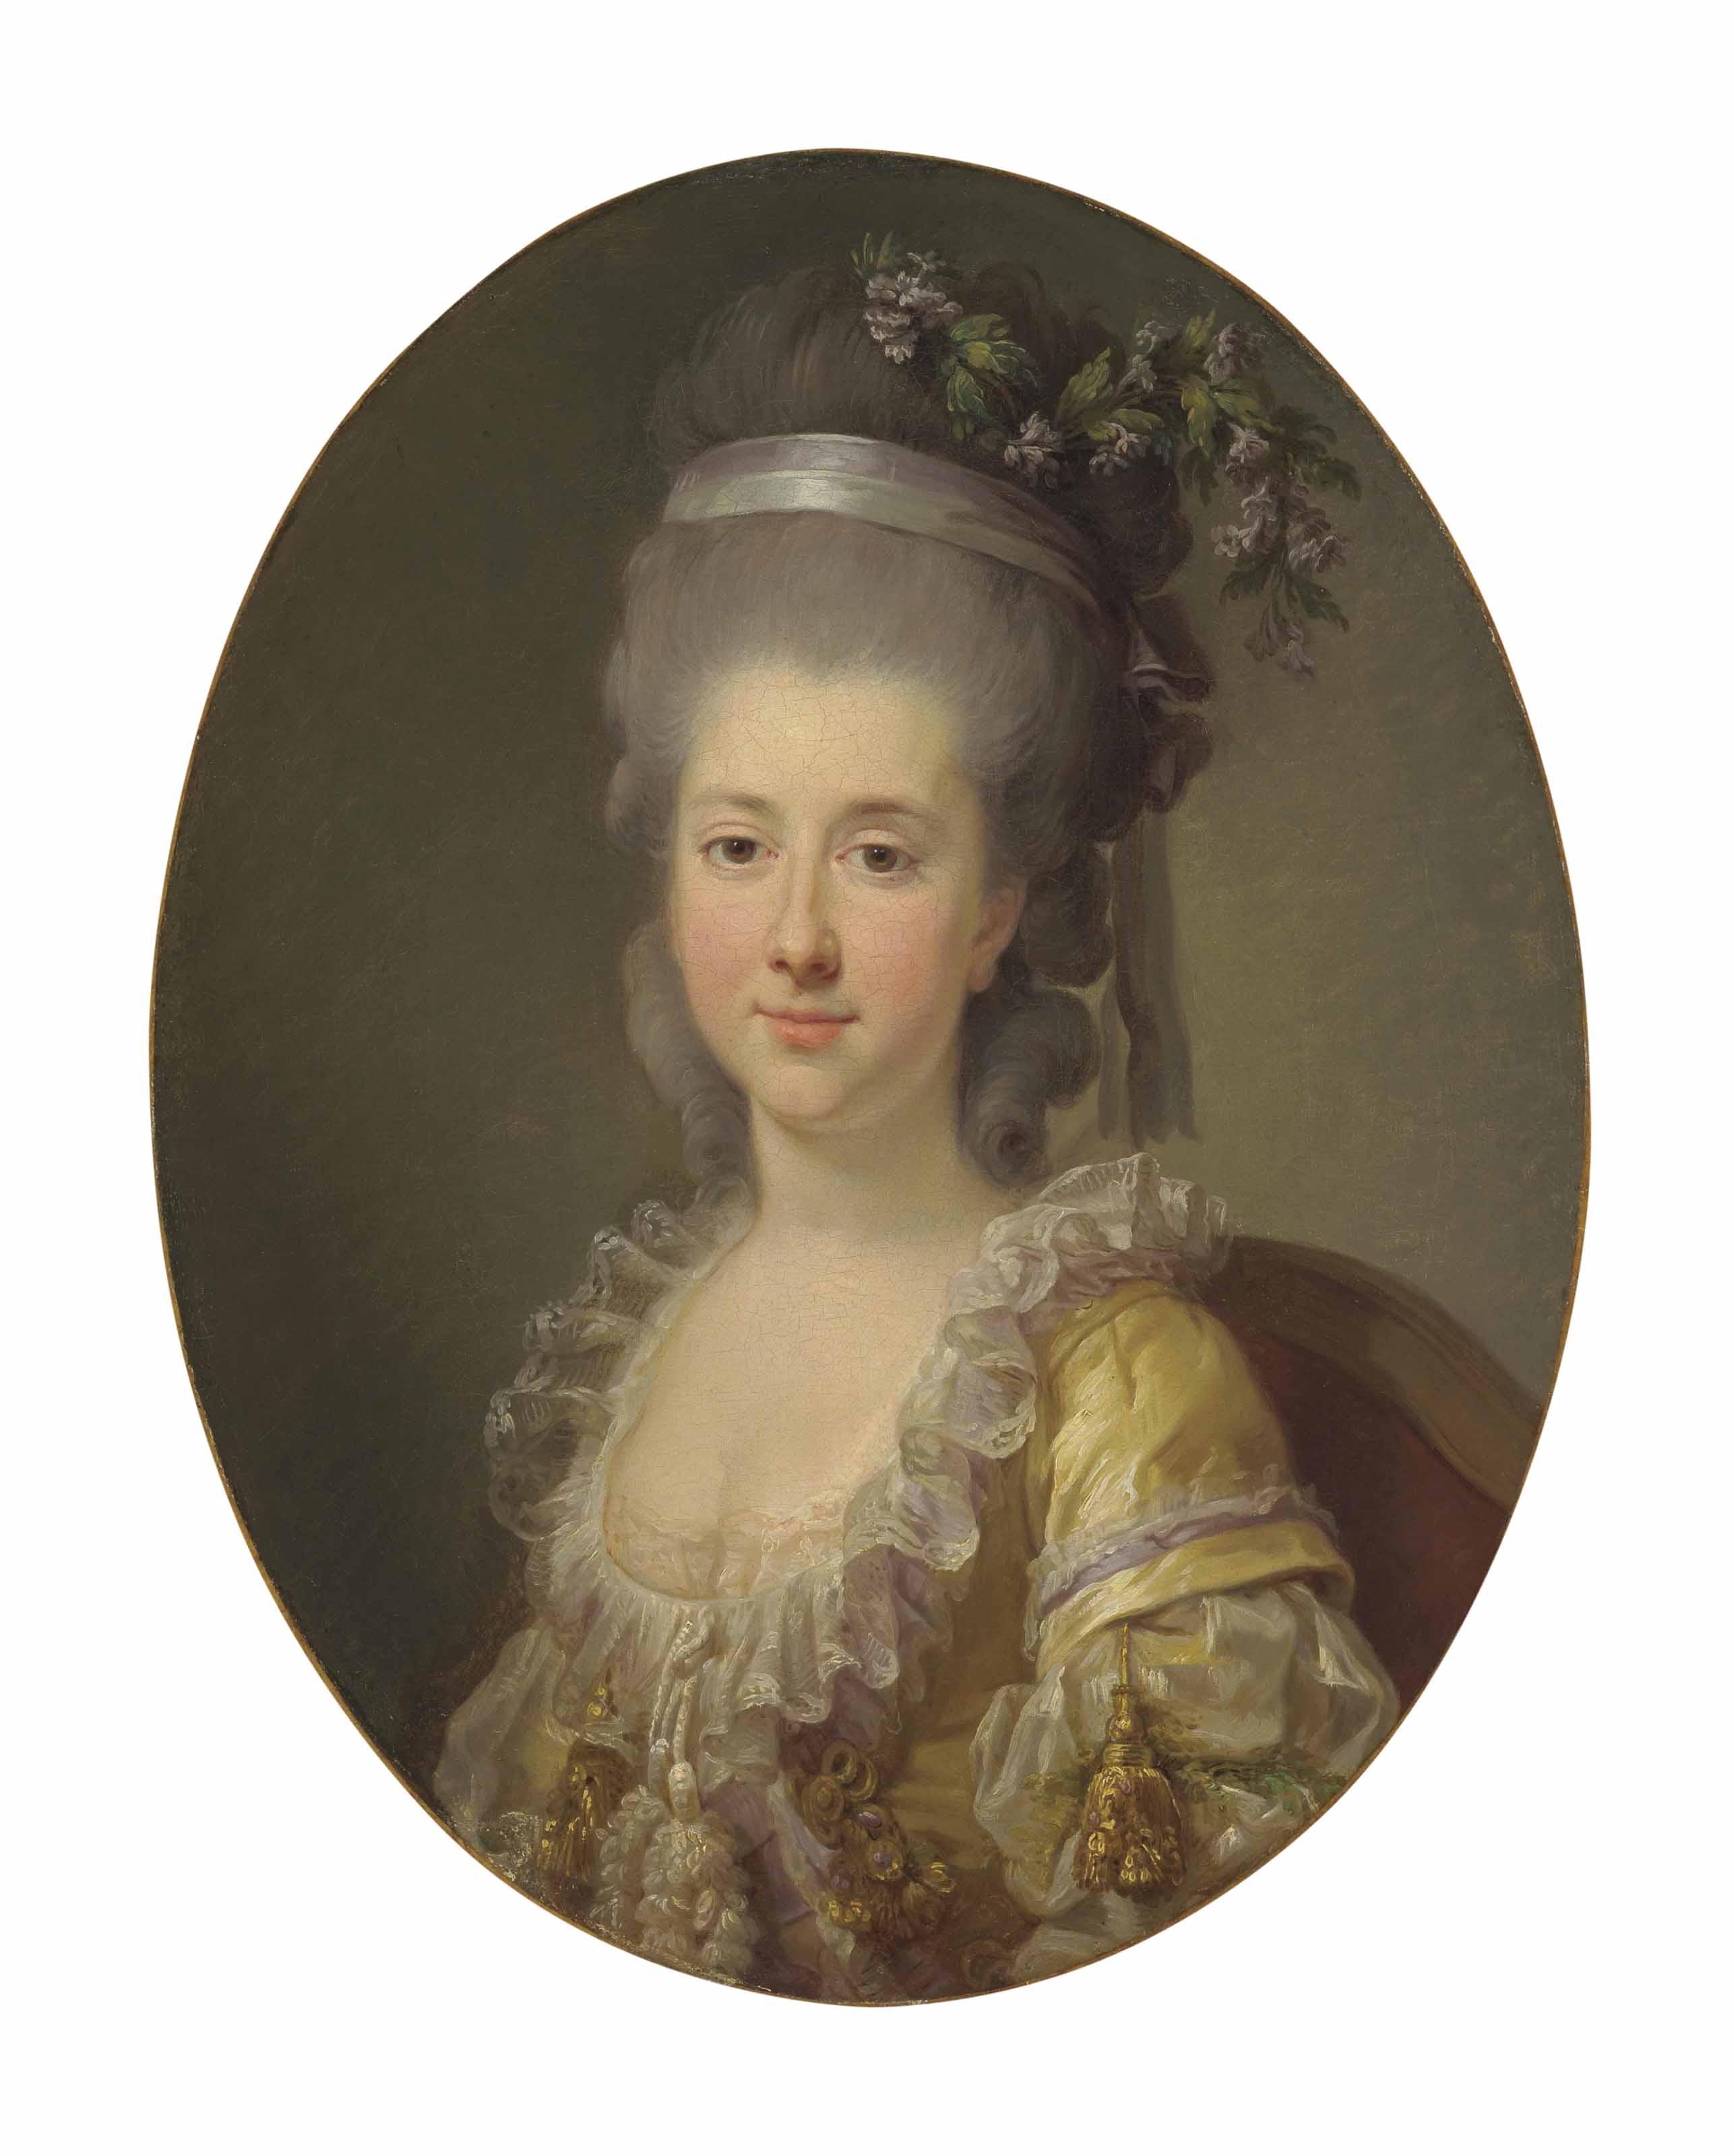 Louise-Élisabeth Vigée Le Brun